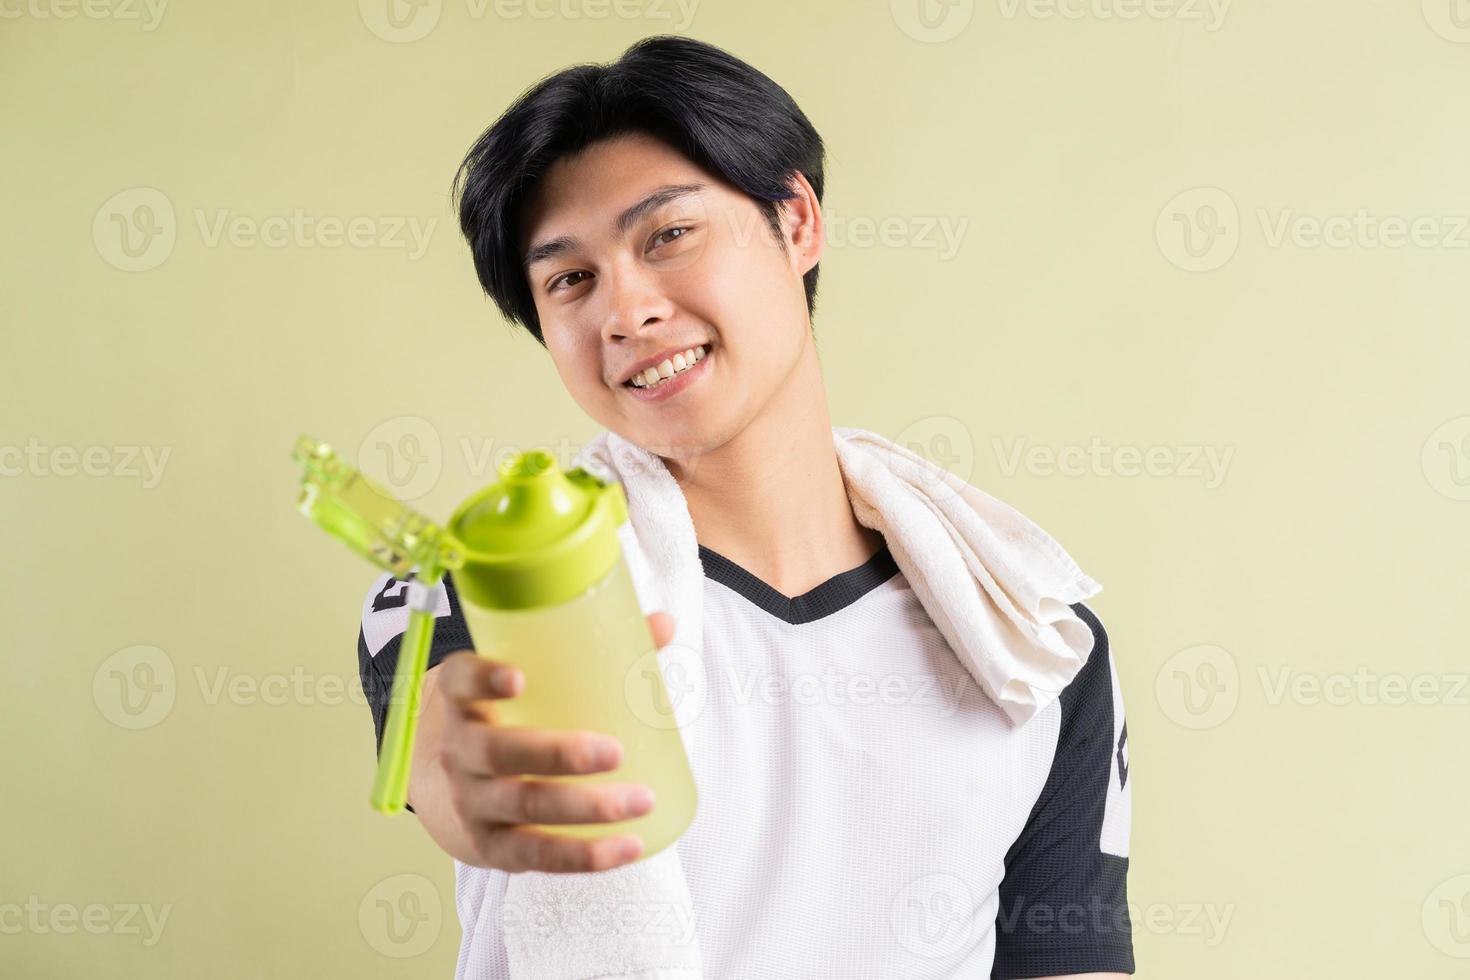 asiatischer Mann mit Wasser in der Hand auf grünem Hintergrund foto